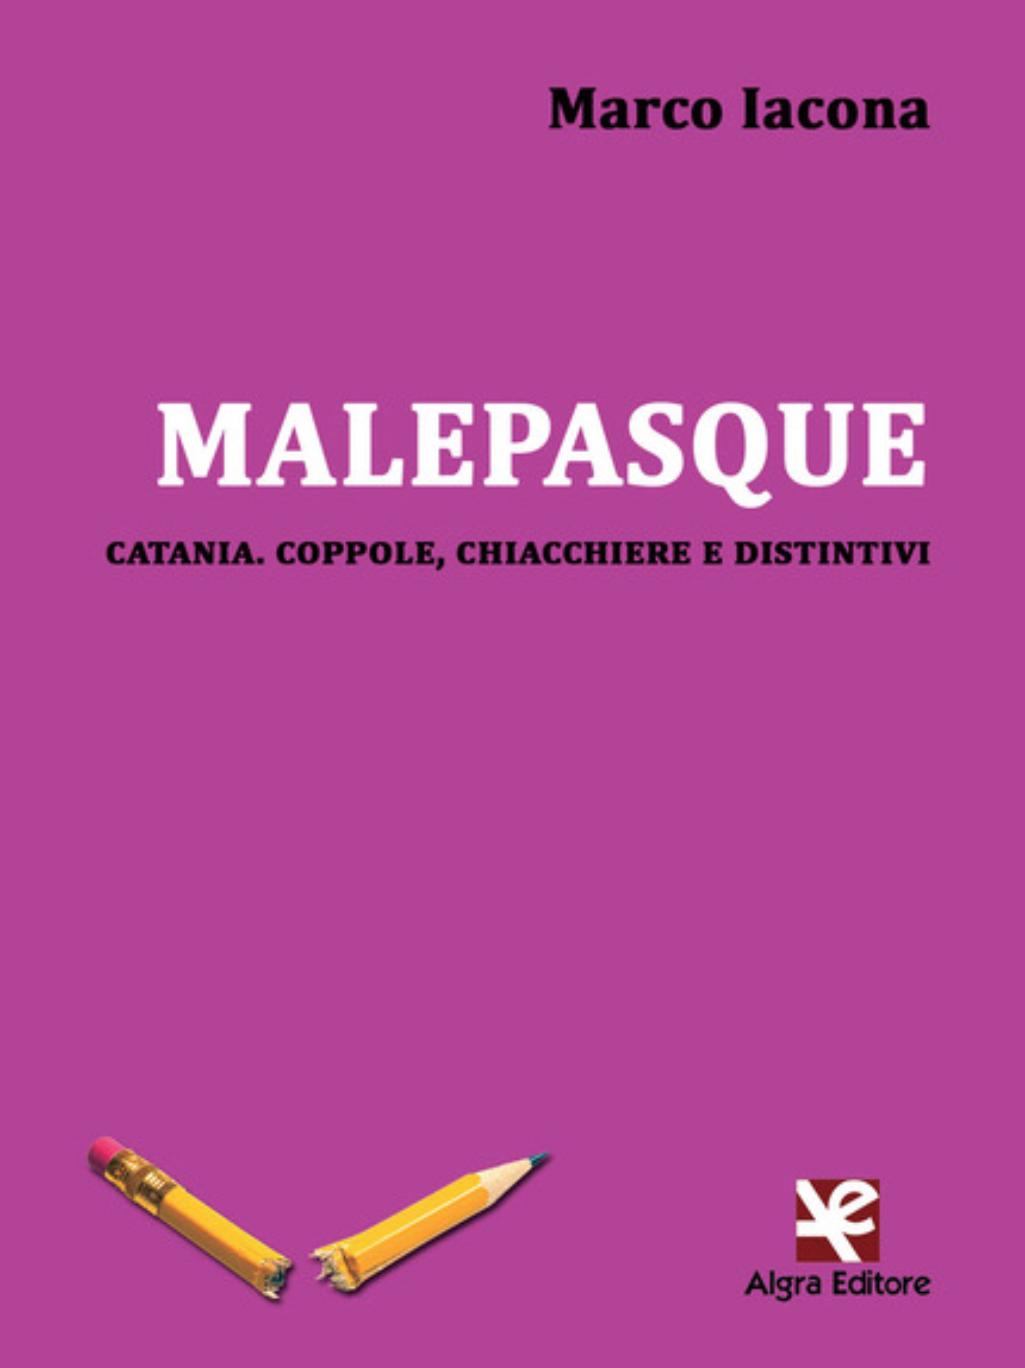 Marco Iacona e le sue Malepasque catanesi pubblicate per Algra - L'intervista